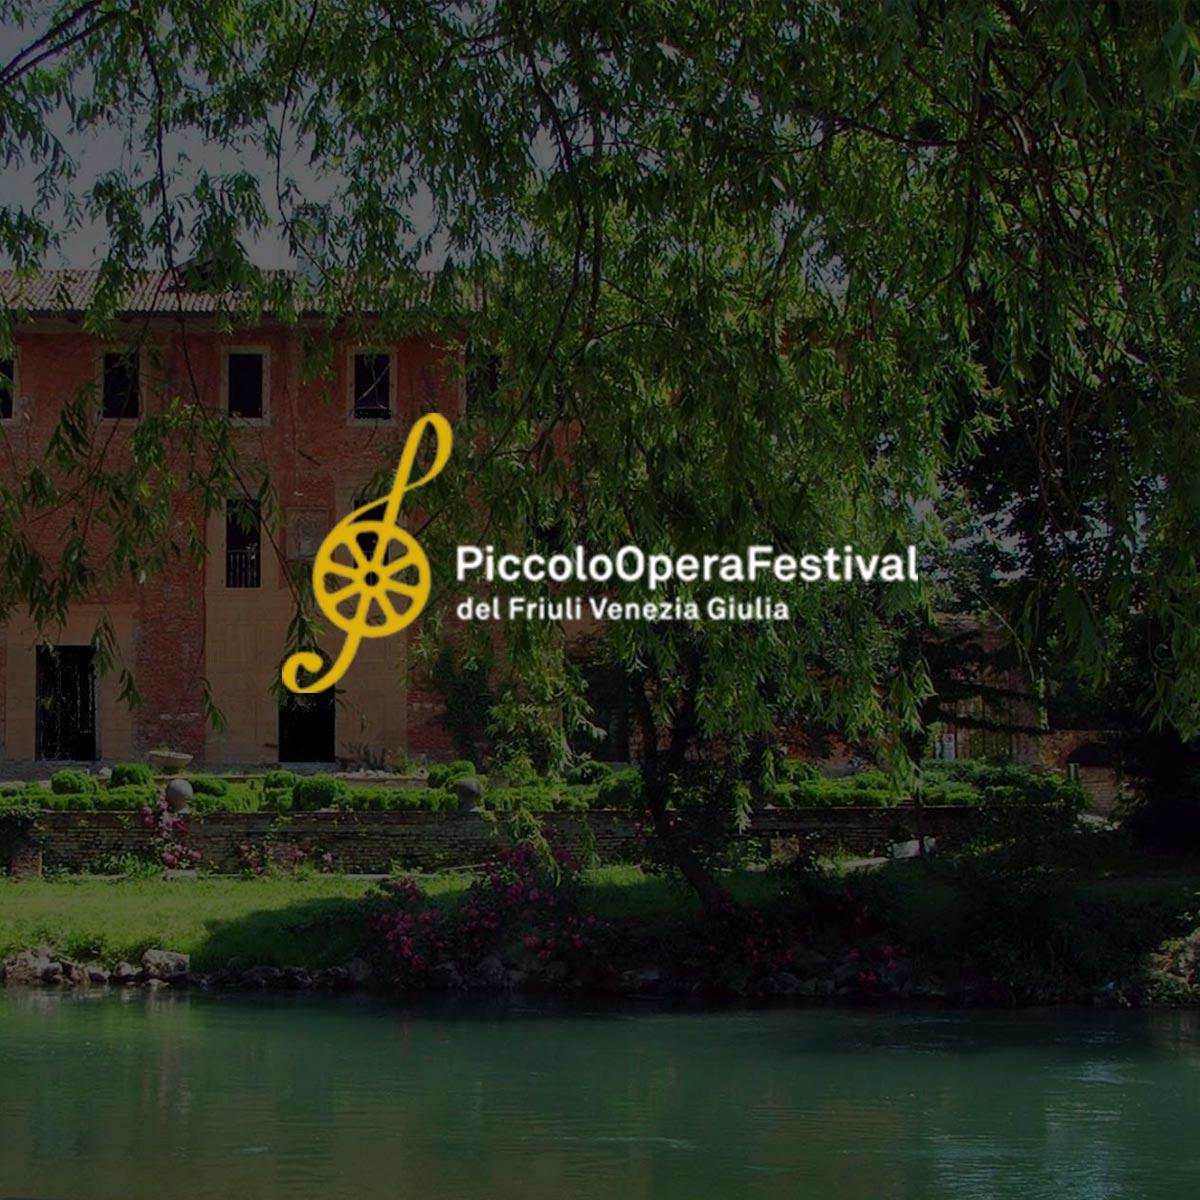 Piccolo Opera Festival FVG   Shakespeare in musica   Villa Ottelio Savorgnan